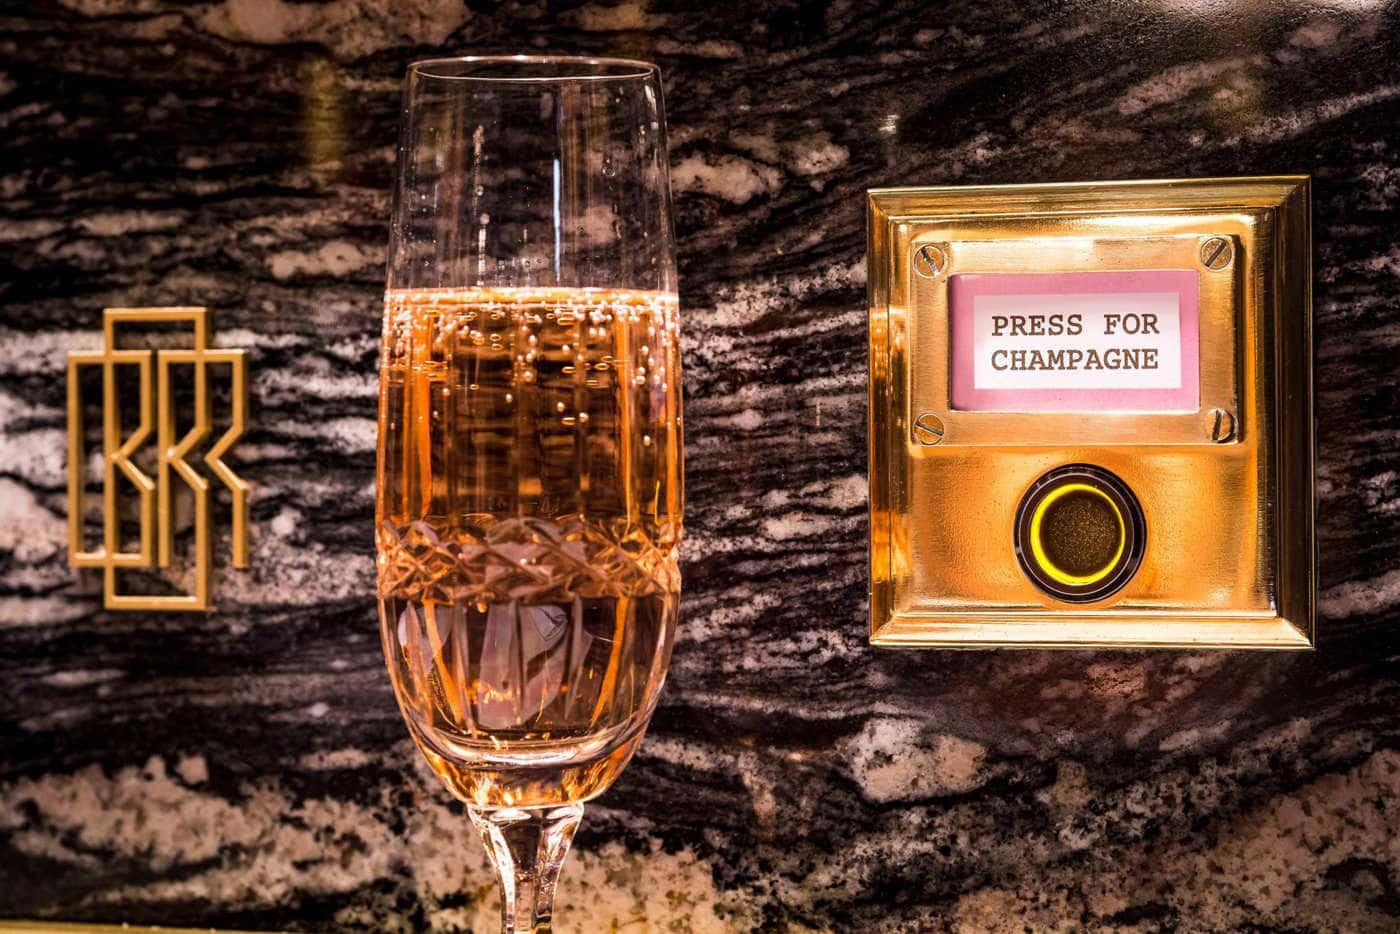 Appuyez pour le champagne (Photo: Bob Bob Ricard)